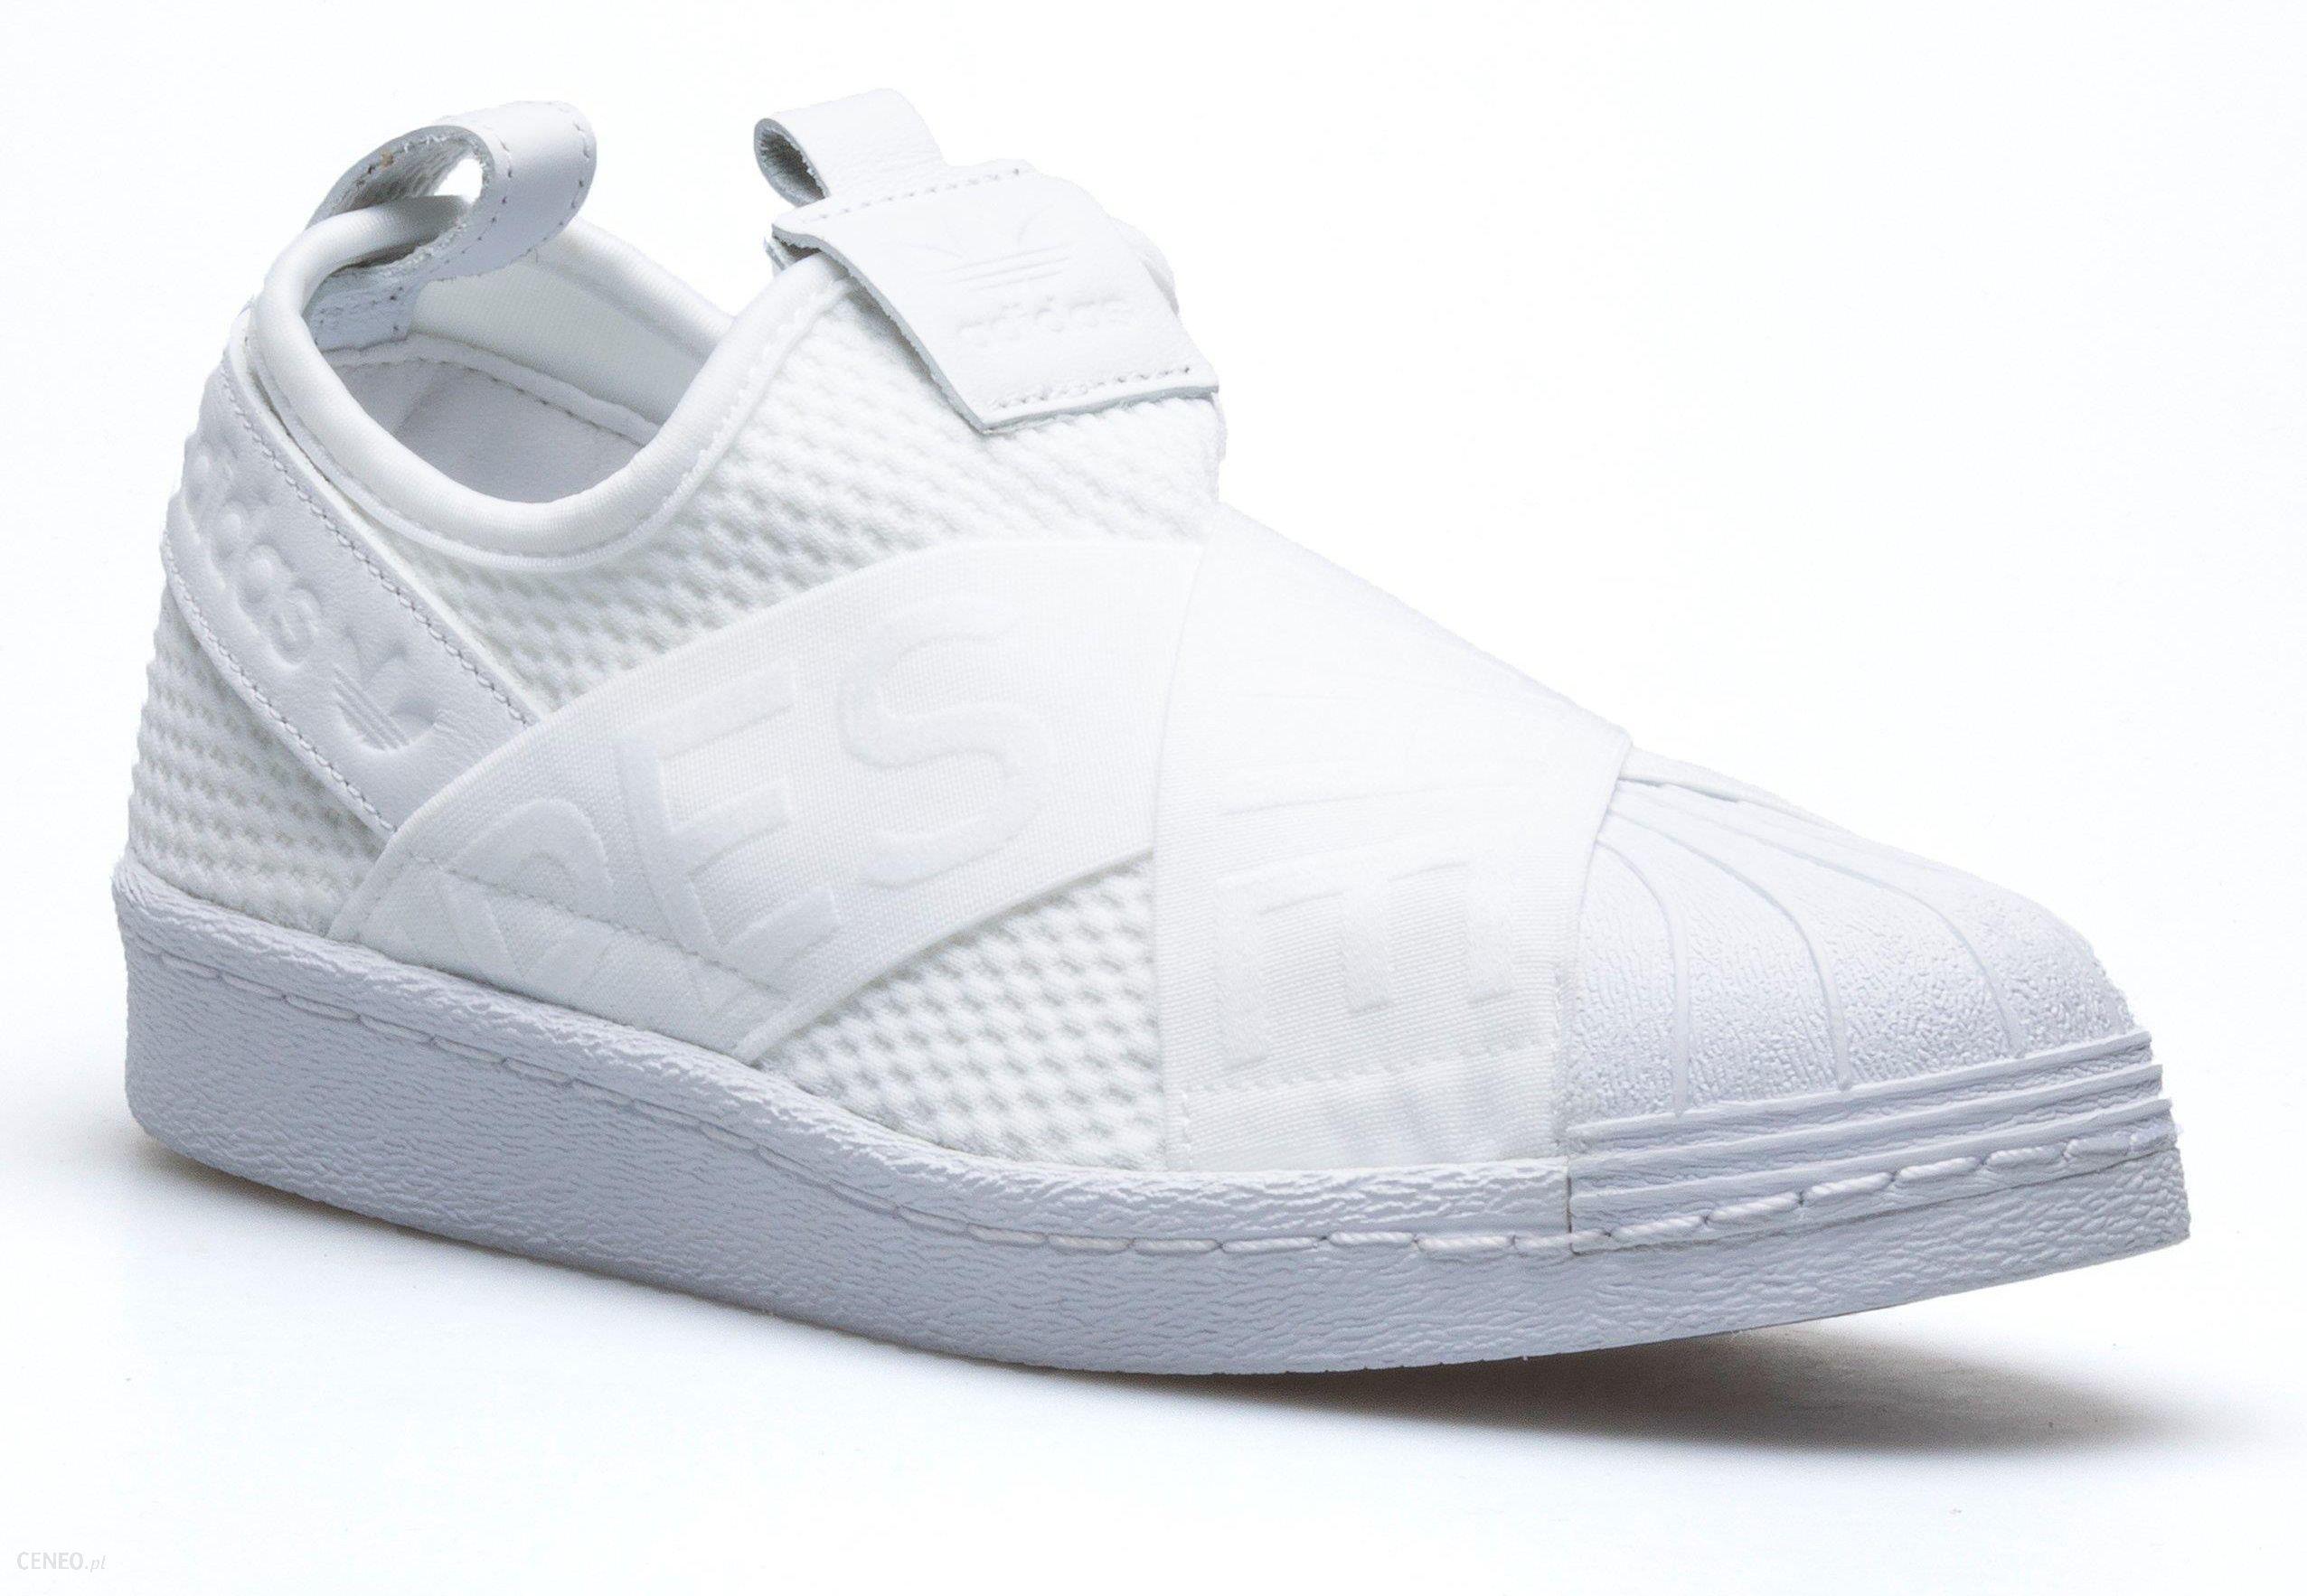 Buty adidas Superstar Slipon W CQ2381 r. 39 13 Ceny i opinie Ceneo.pl